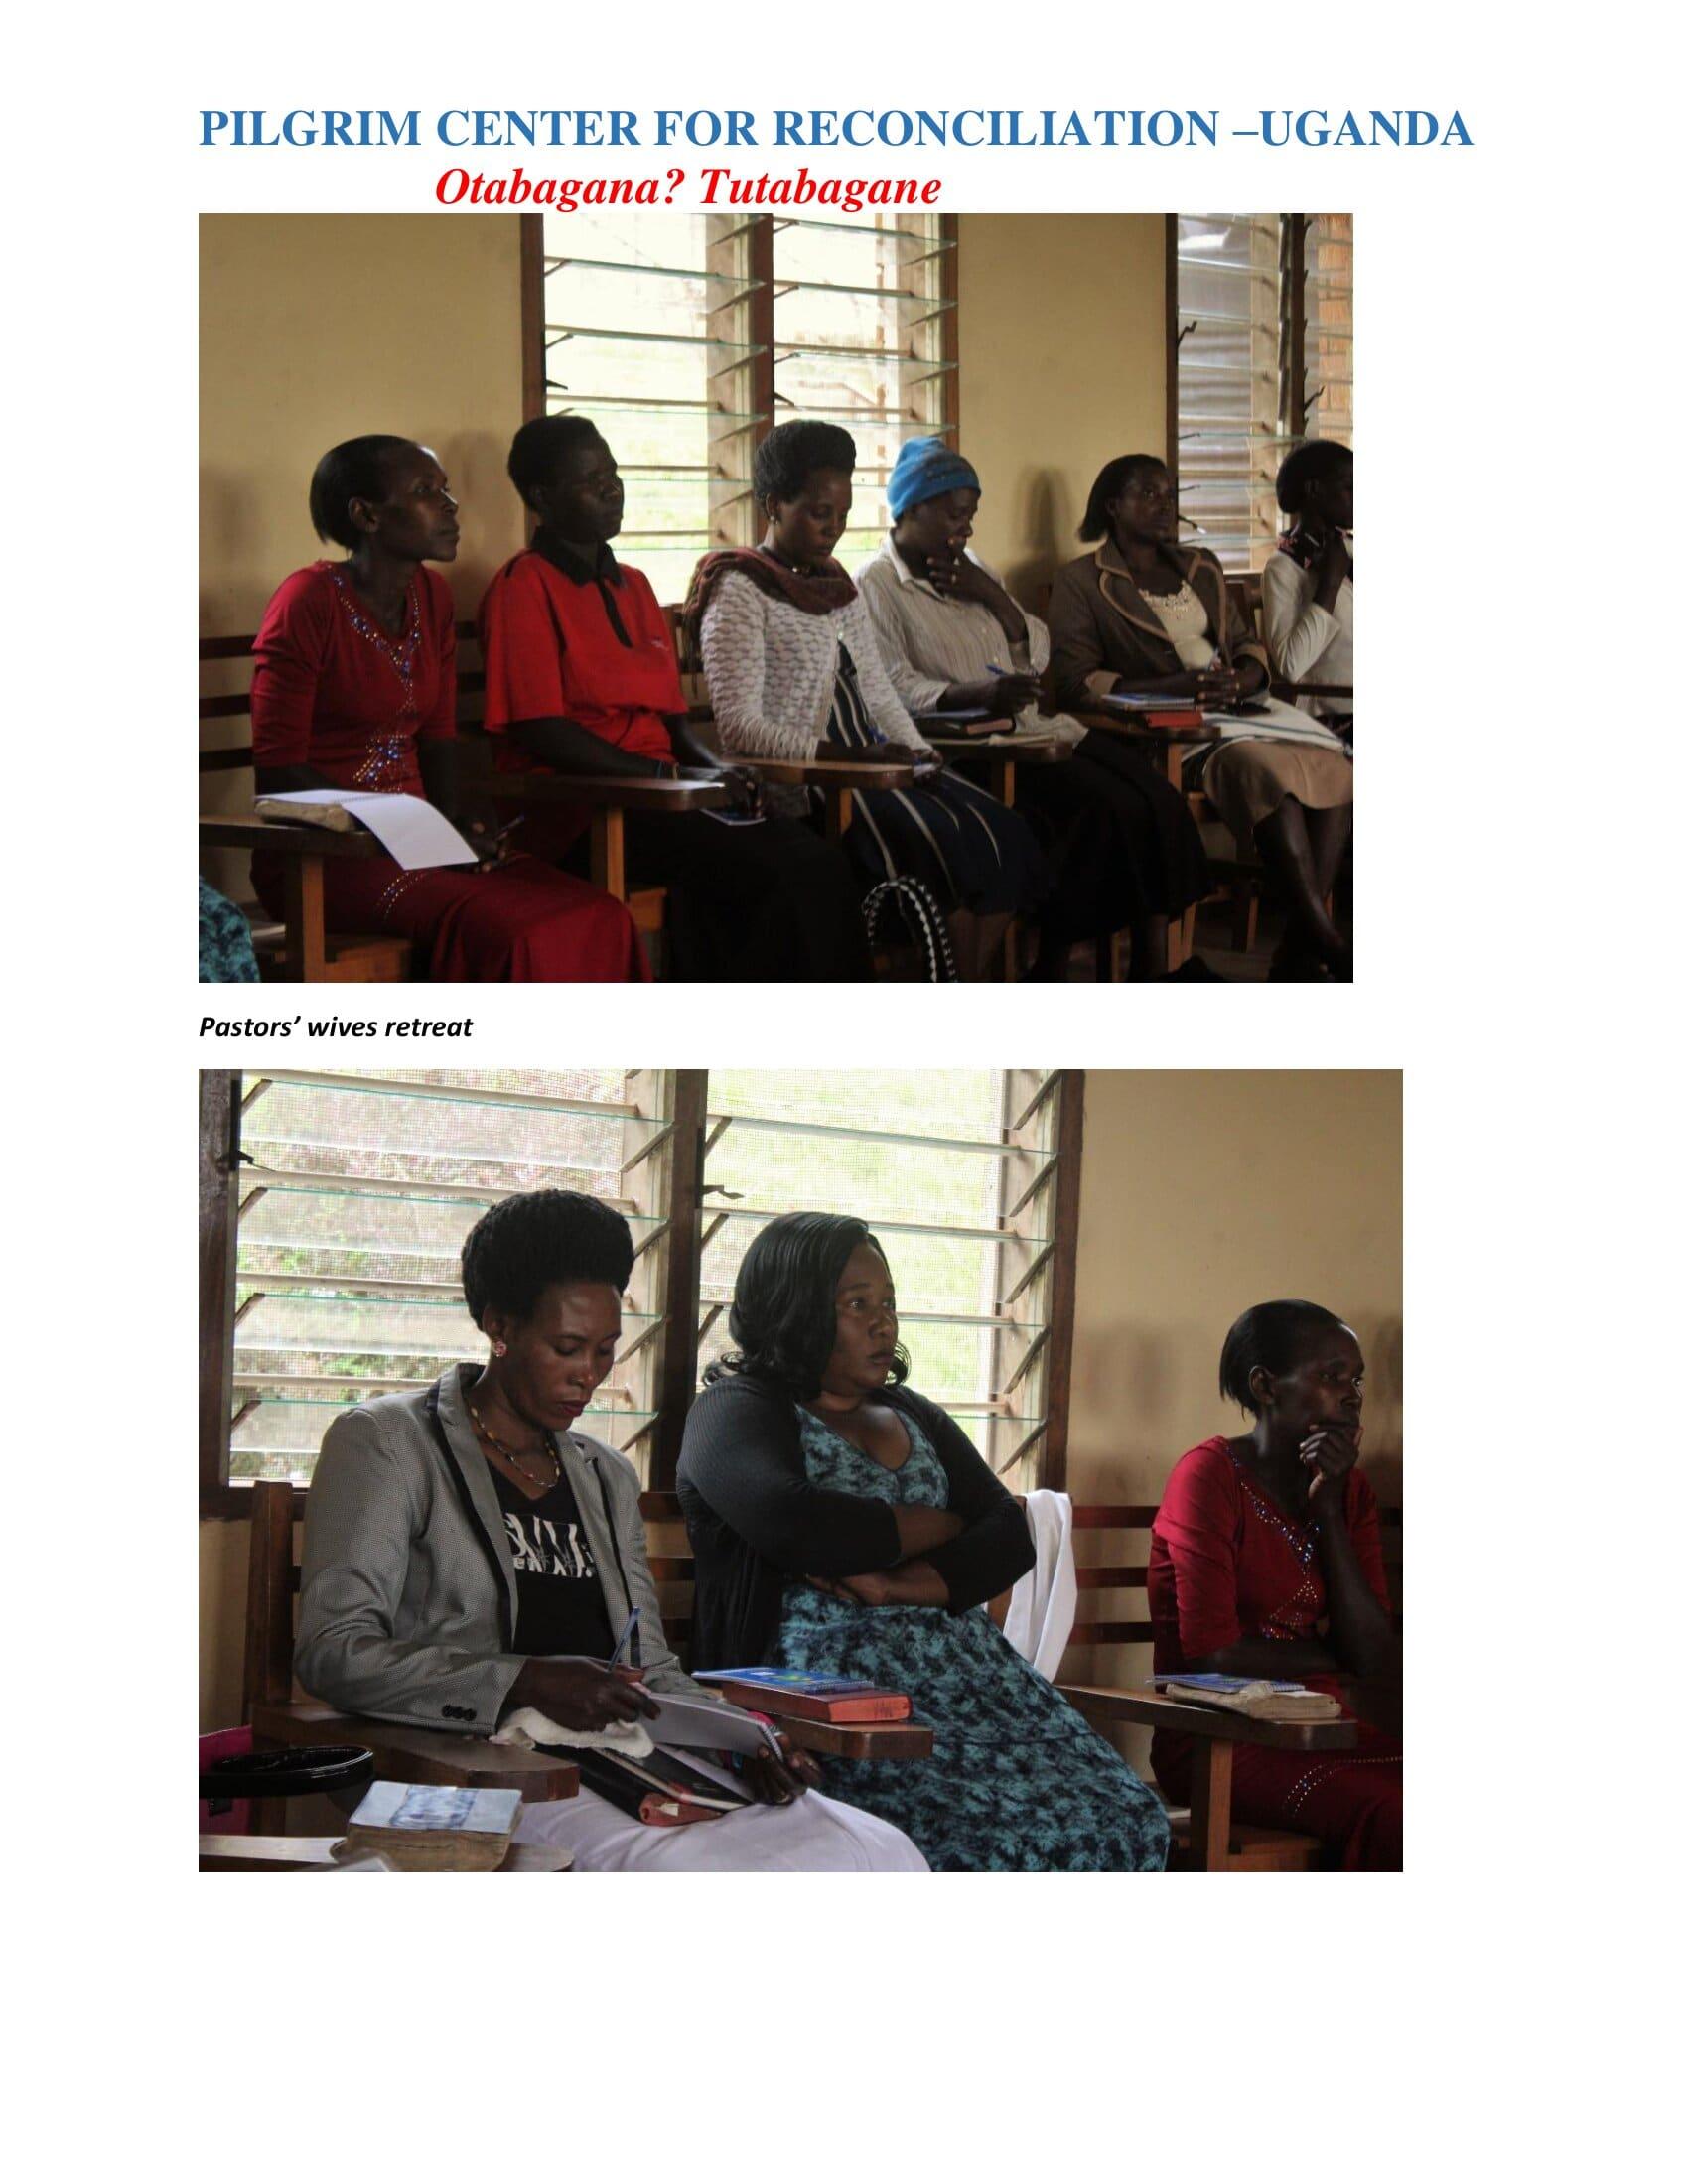 Pirigrim center for reconcilation -Uganda _0025-min